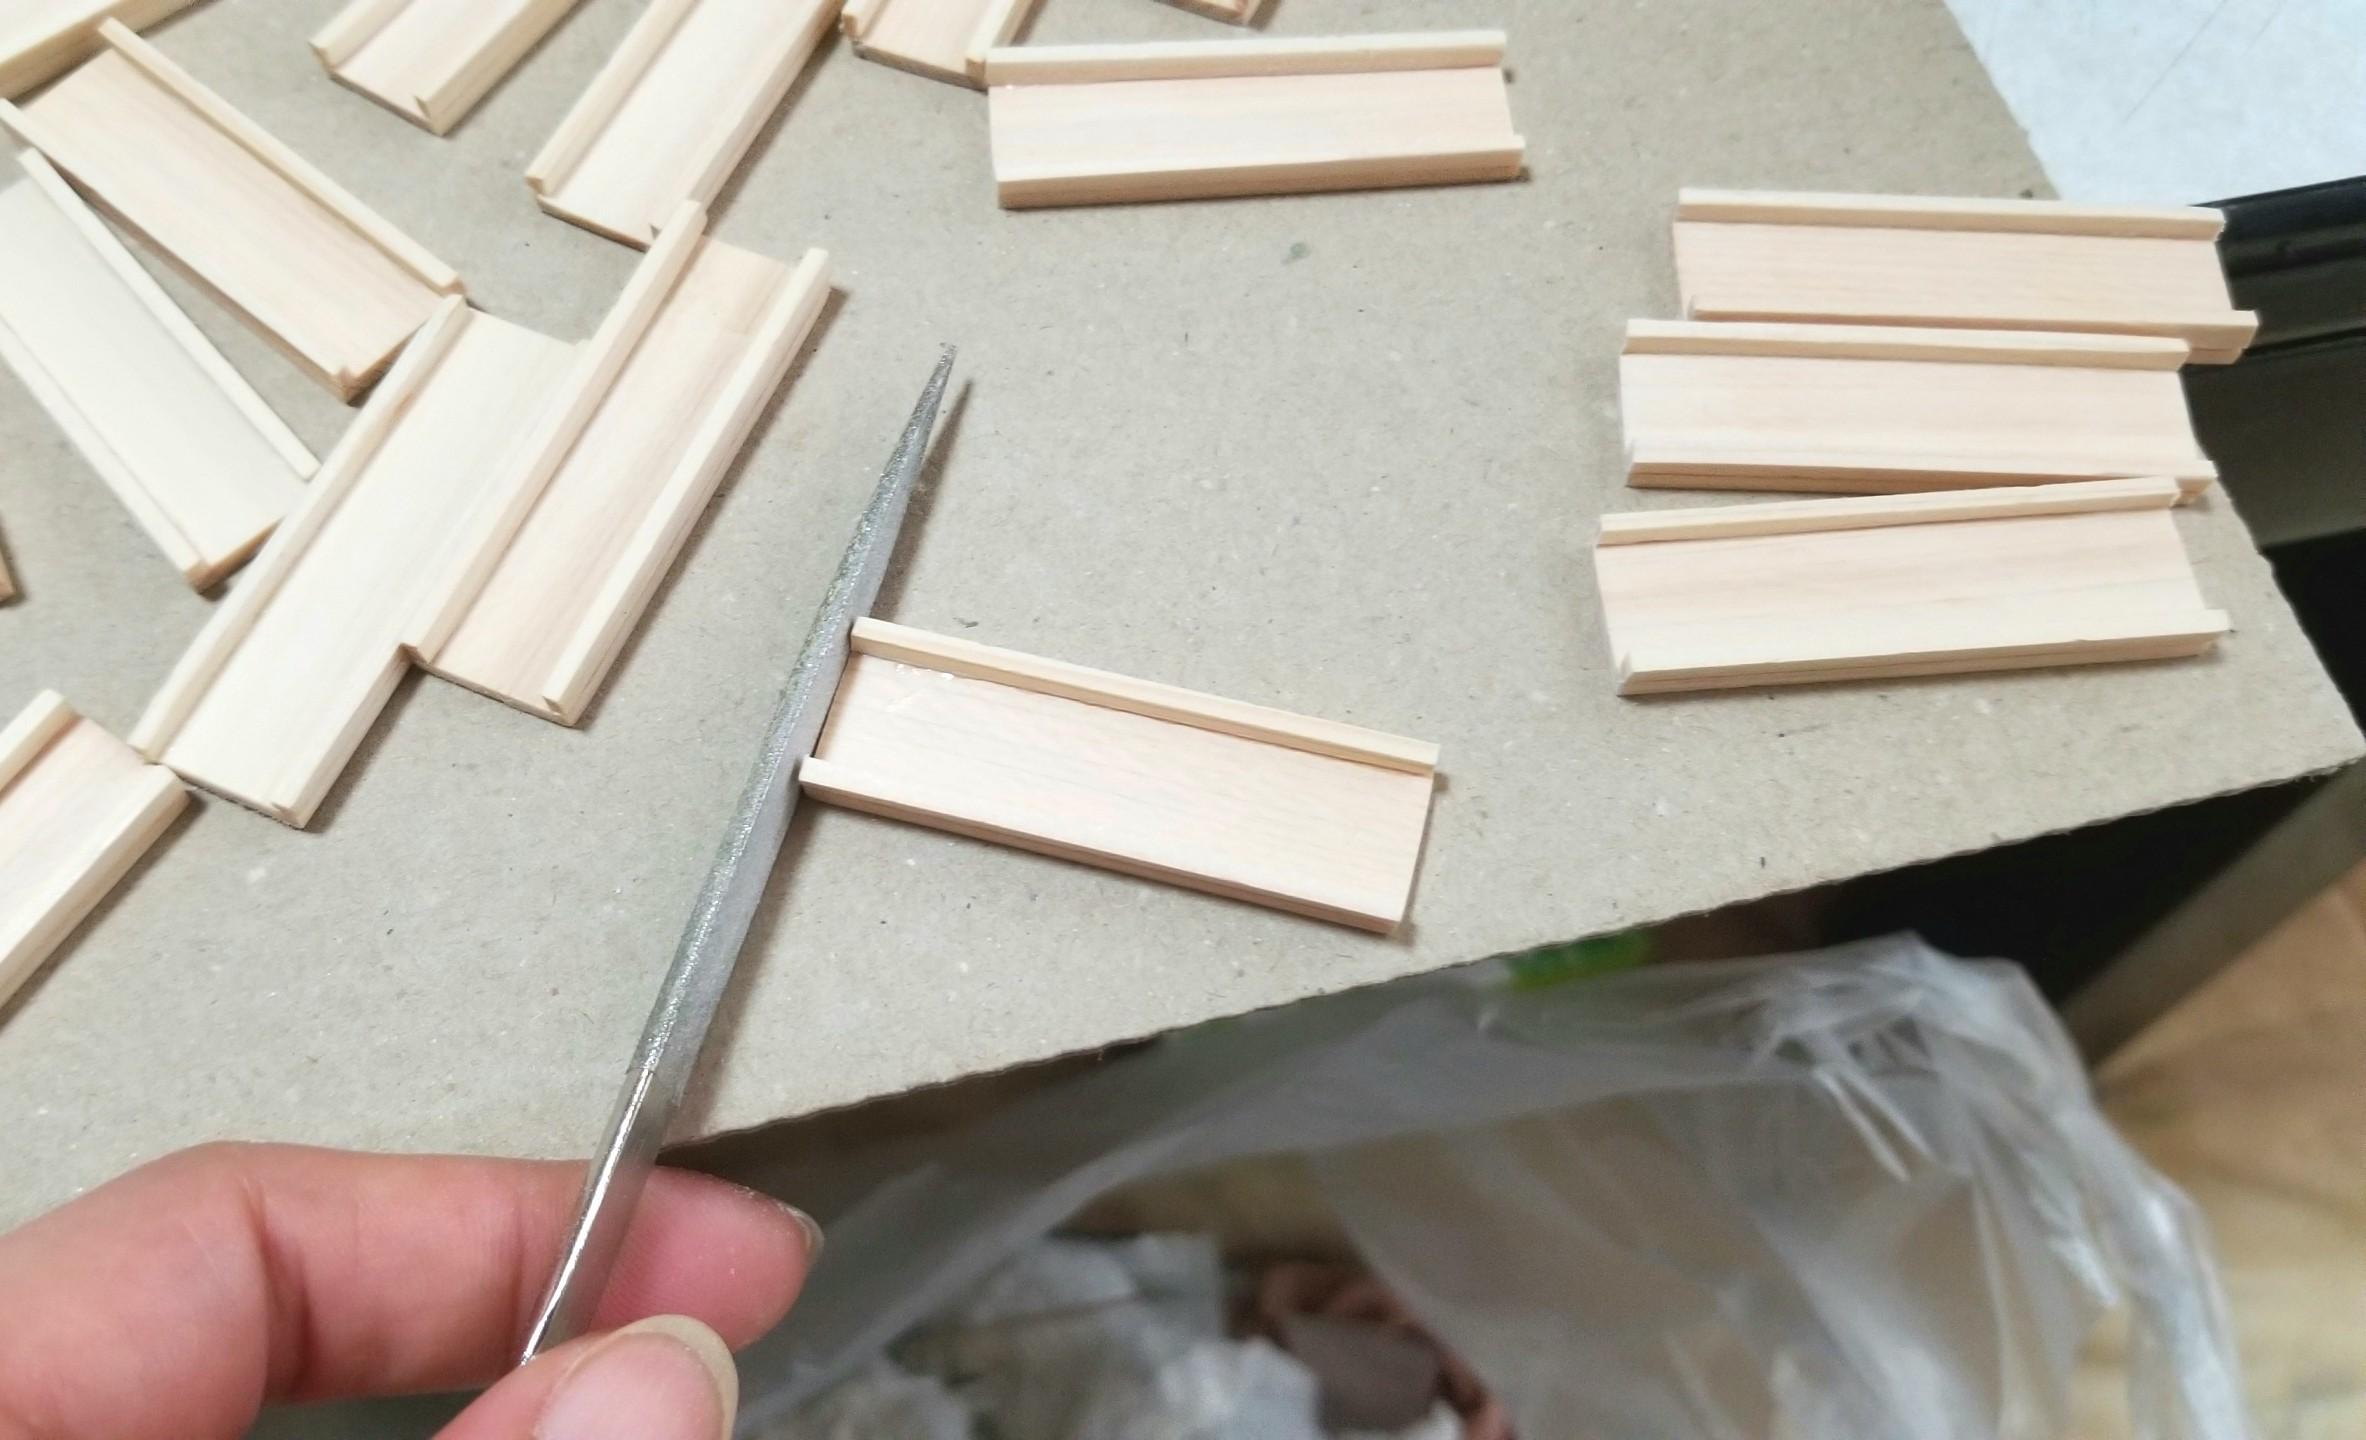 ミニチュア,木工作業,木製トレー,木箱,作り方,ヤスリがけ,ドール